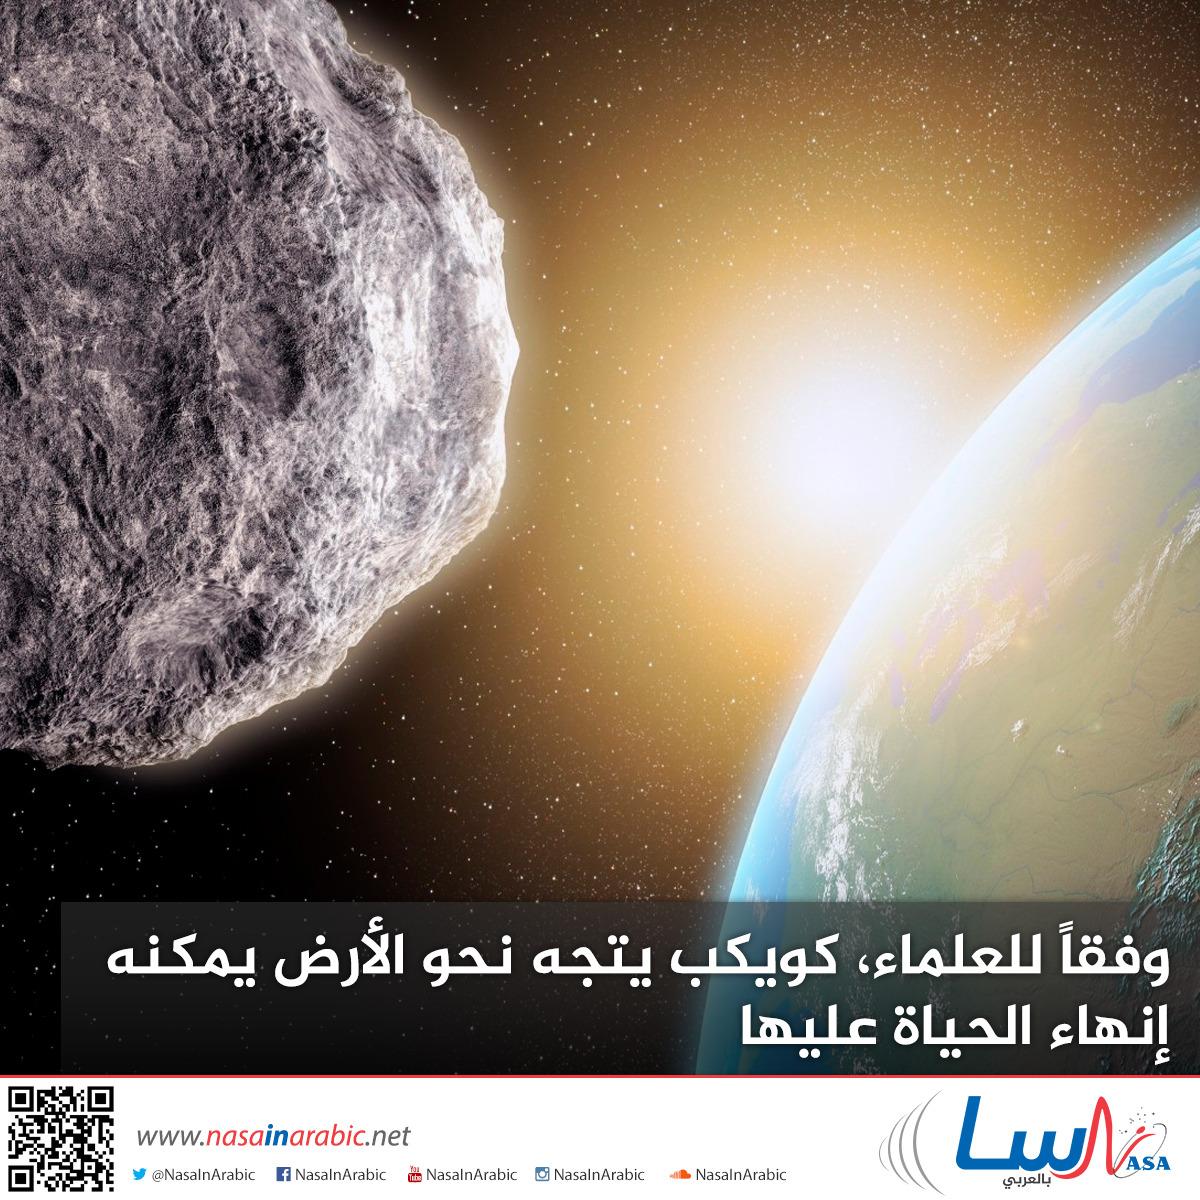 وفقاً للعلماء، كويكب يتجه نحو الأرض يمكنه إنهاء الحياة عليها